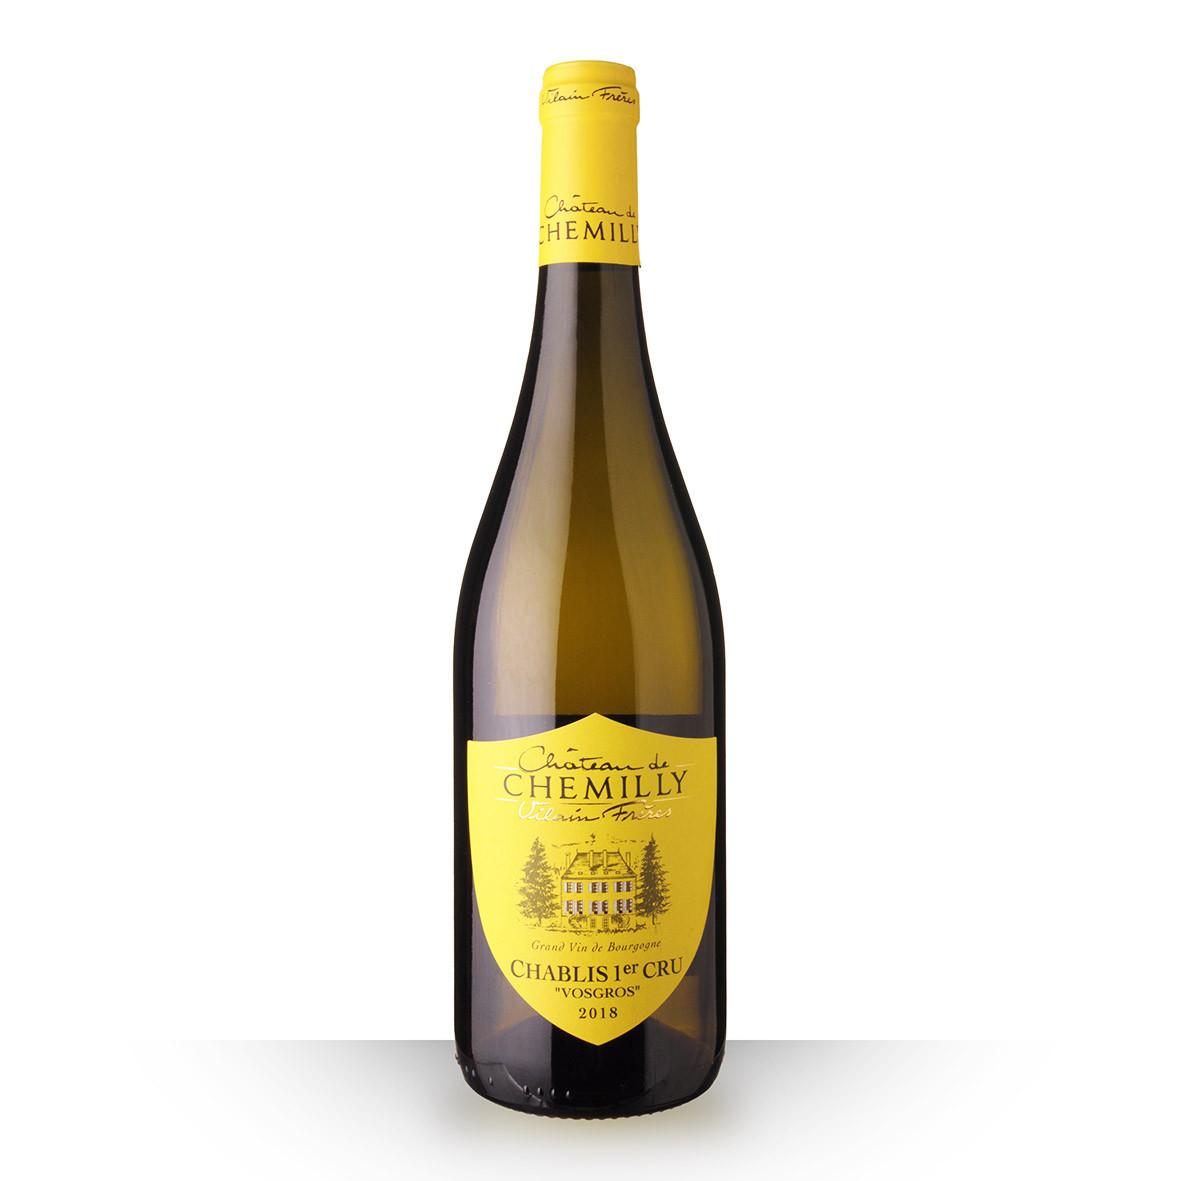 Château de Chemilly Chablis 1er Cru VosGros Blanc 2018 75cl www.odyssee-vins.com